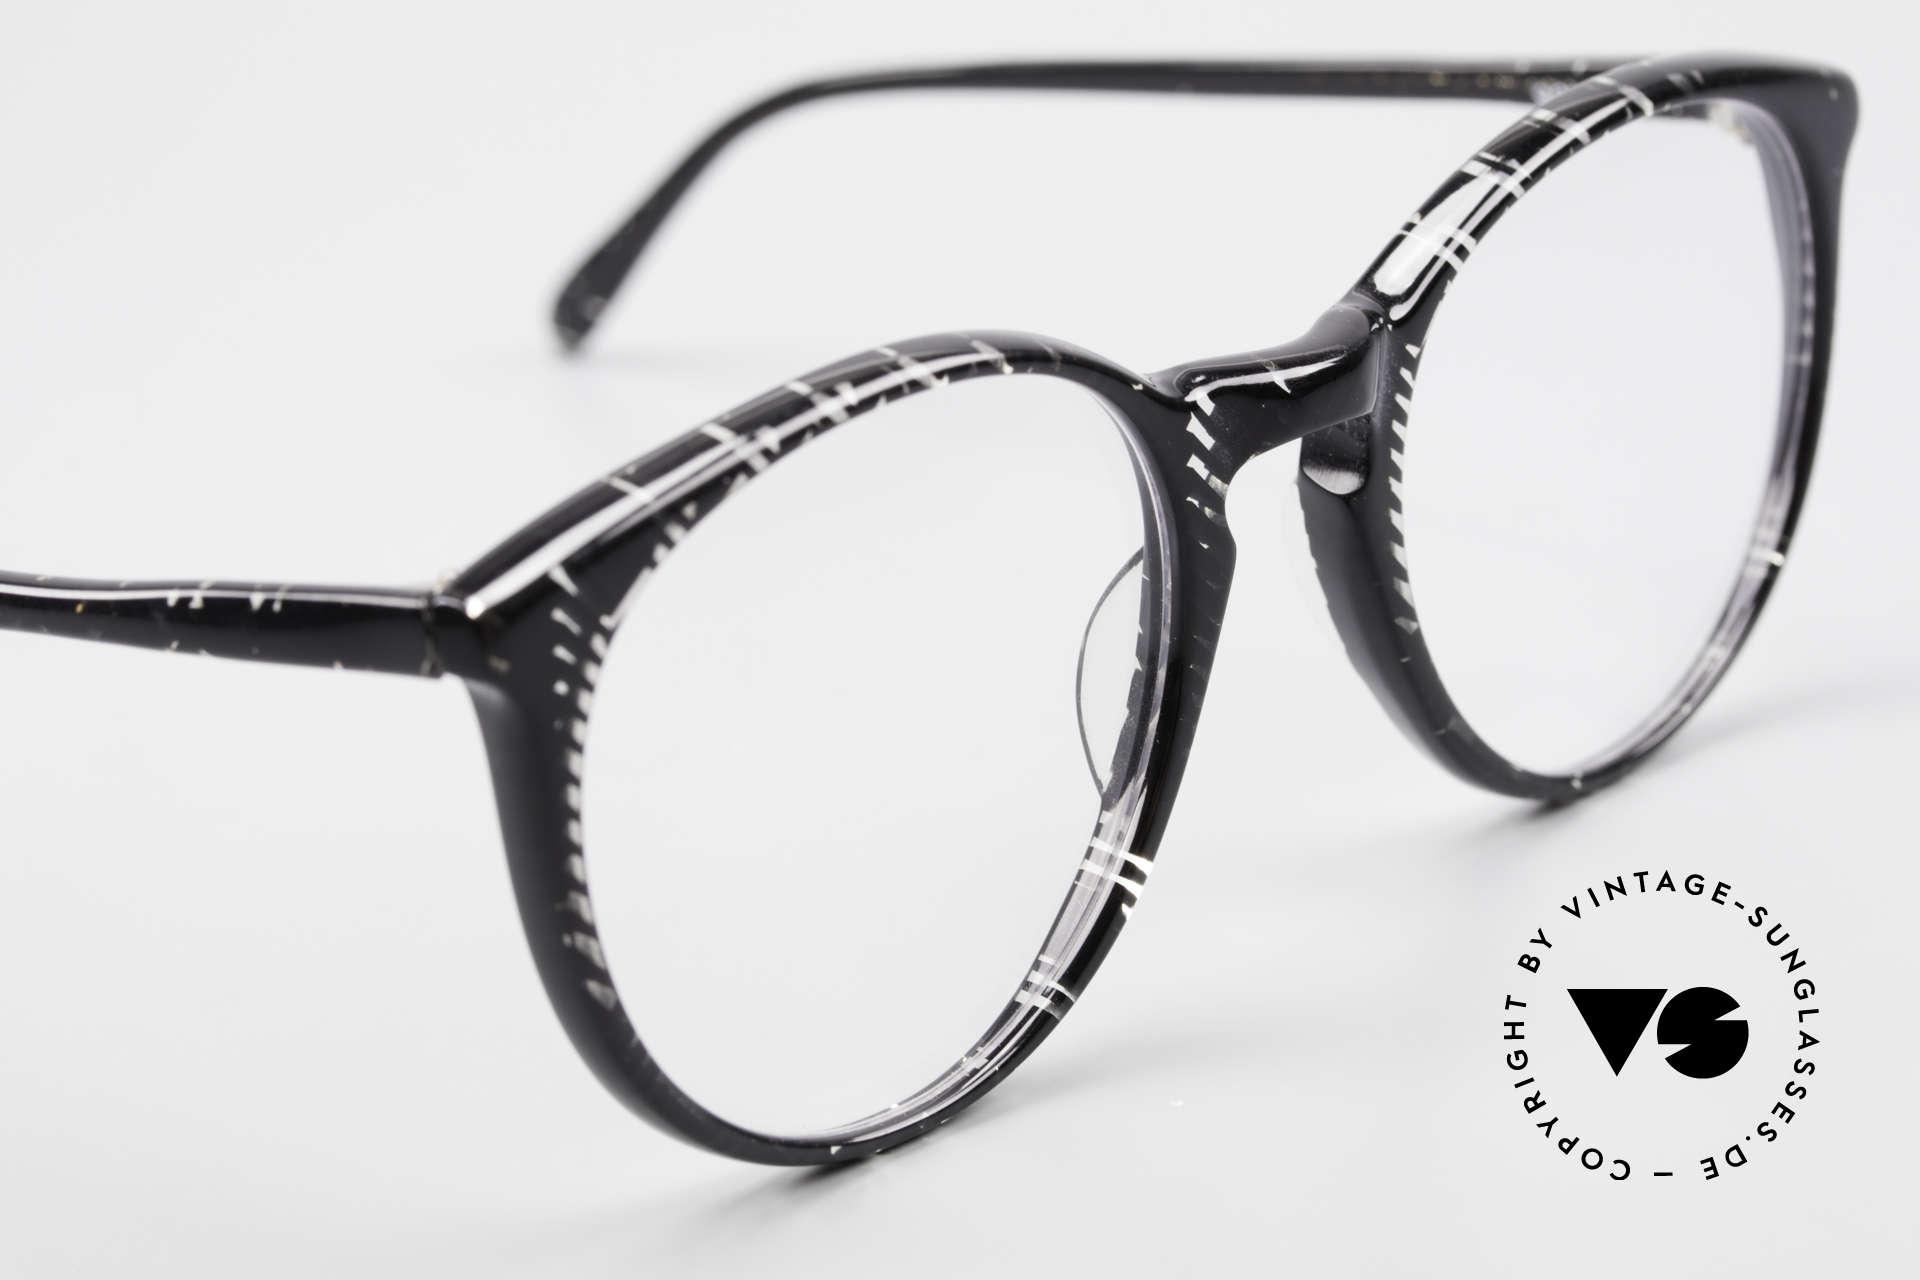 Alain Mikli 901 / 299 Panto Brille Schwarz Kristall, KEINE Retromode, sondern ein altes Mikli-Original, Passend für Herren und Damen